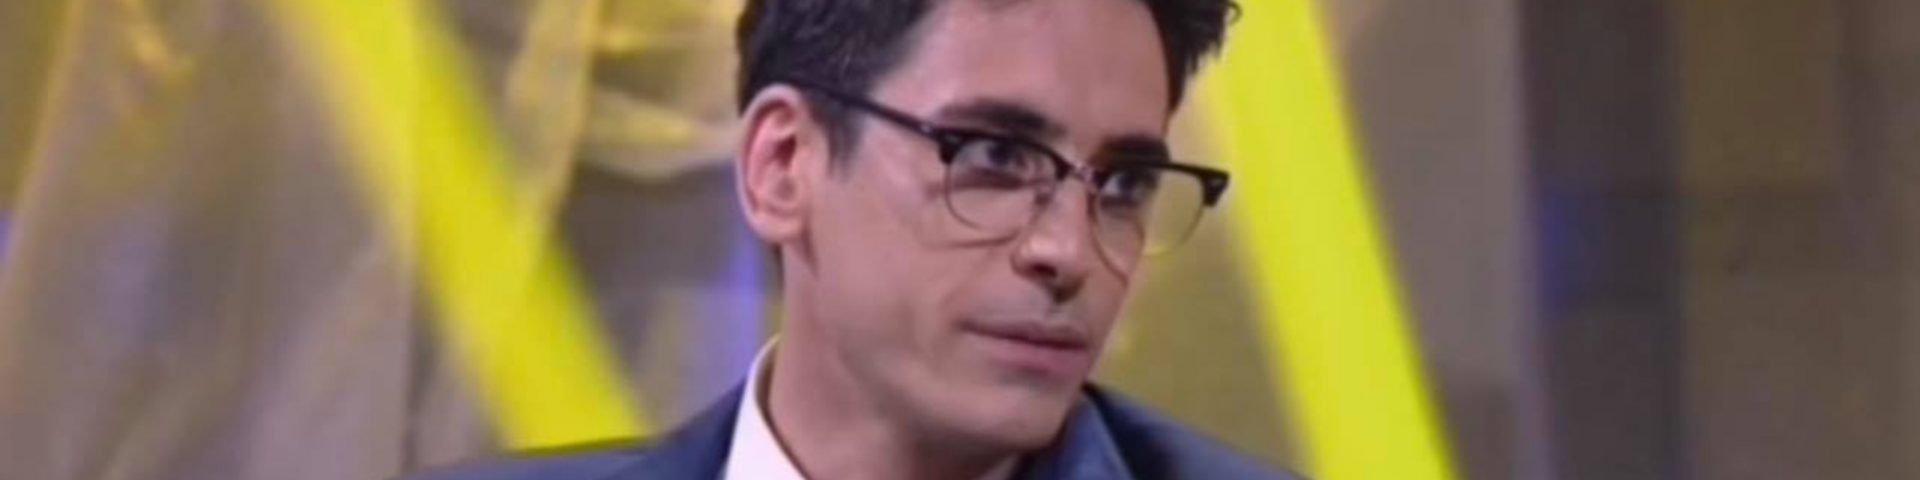 Sanremo 2021, chi è Valerio Lundini